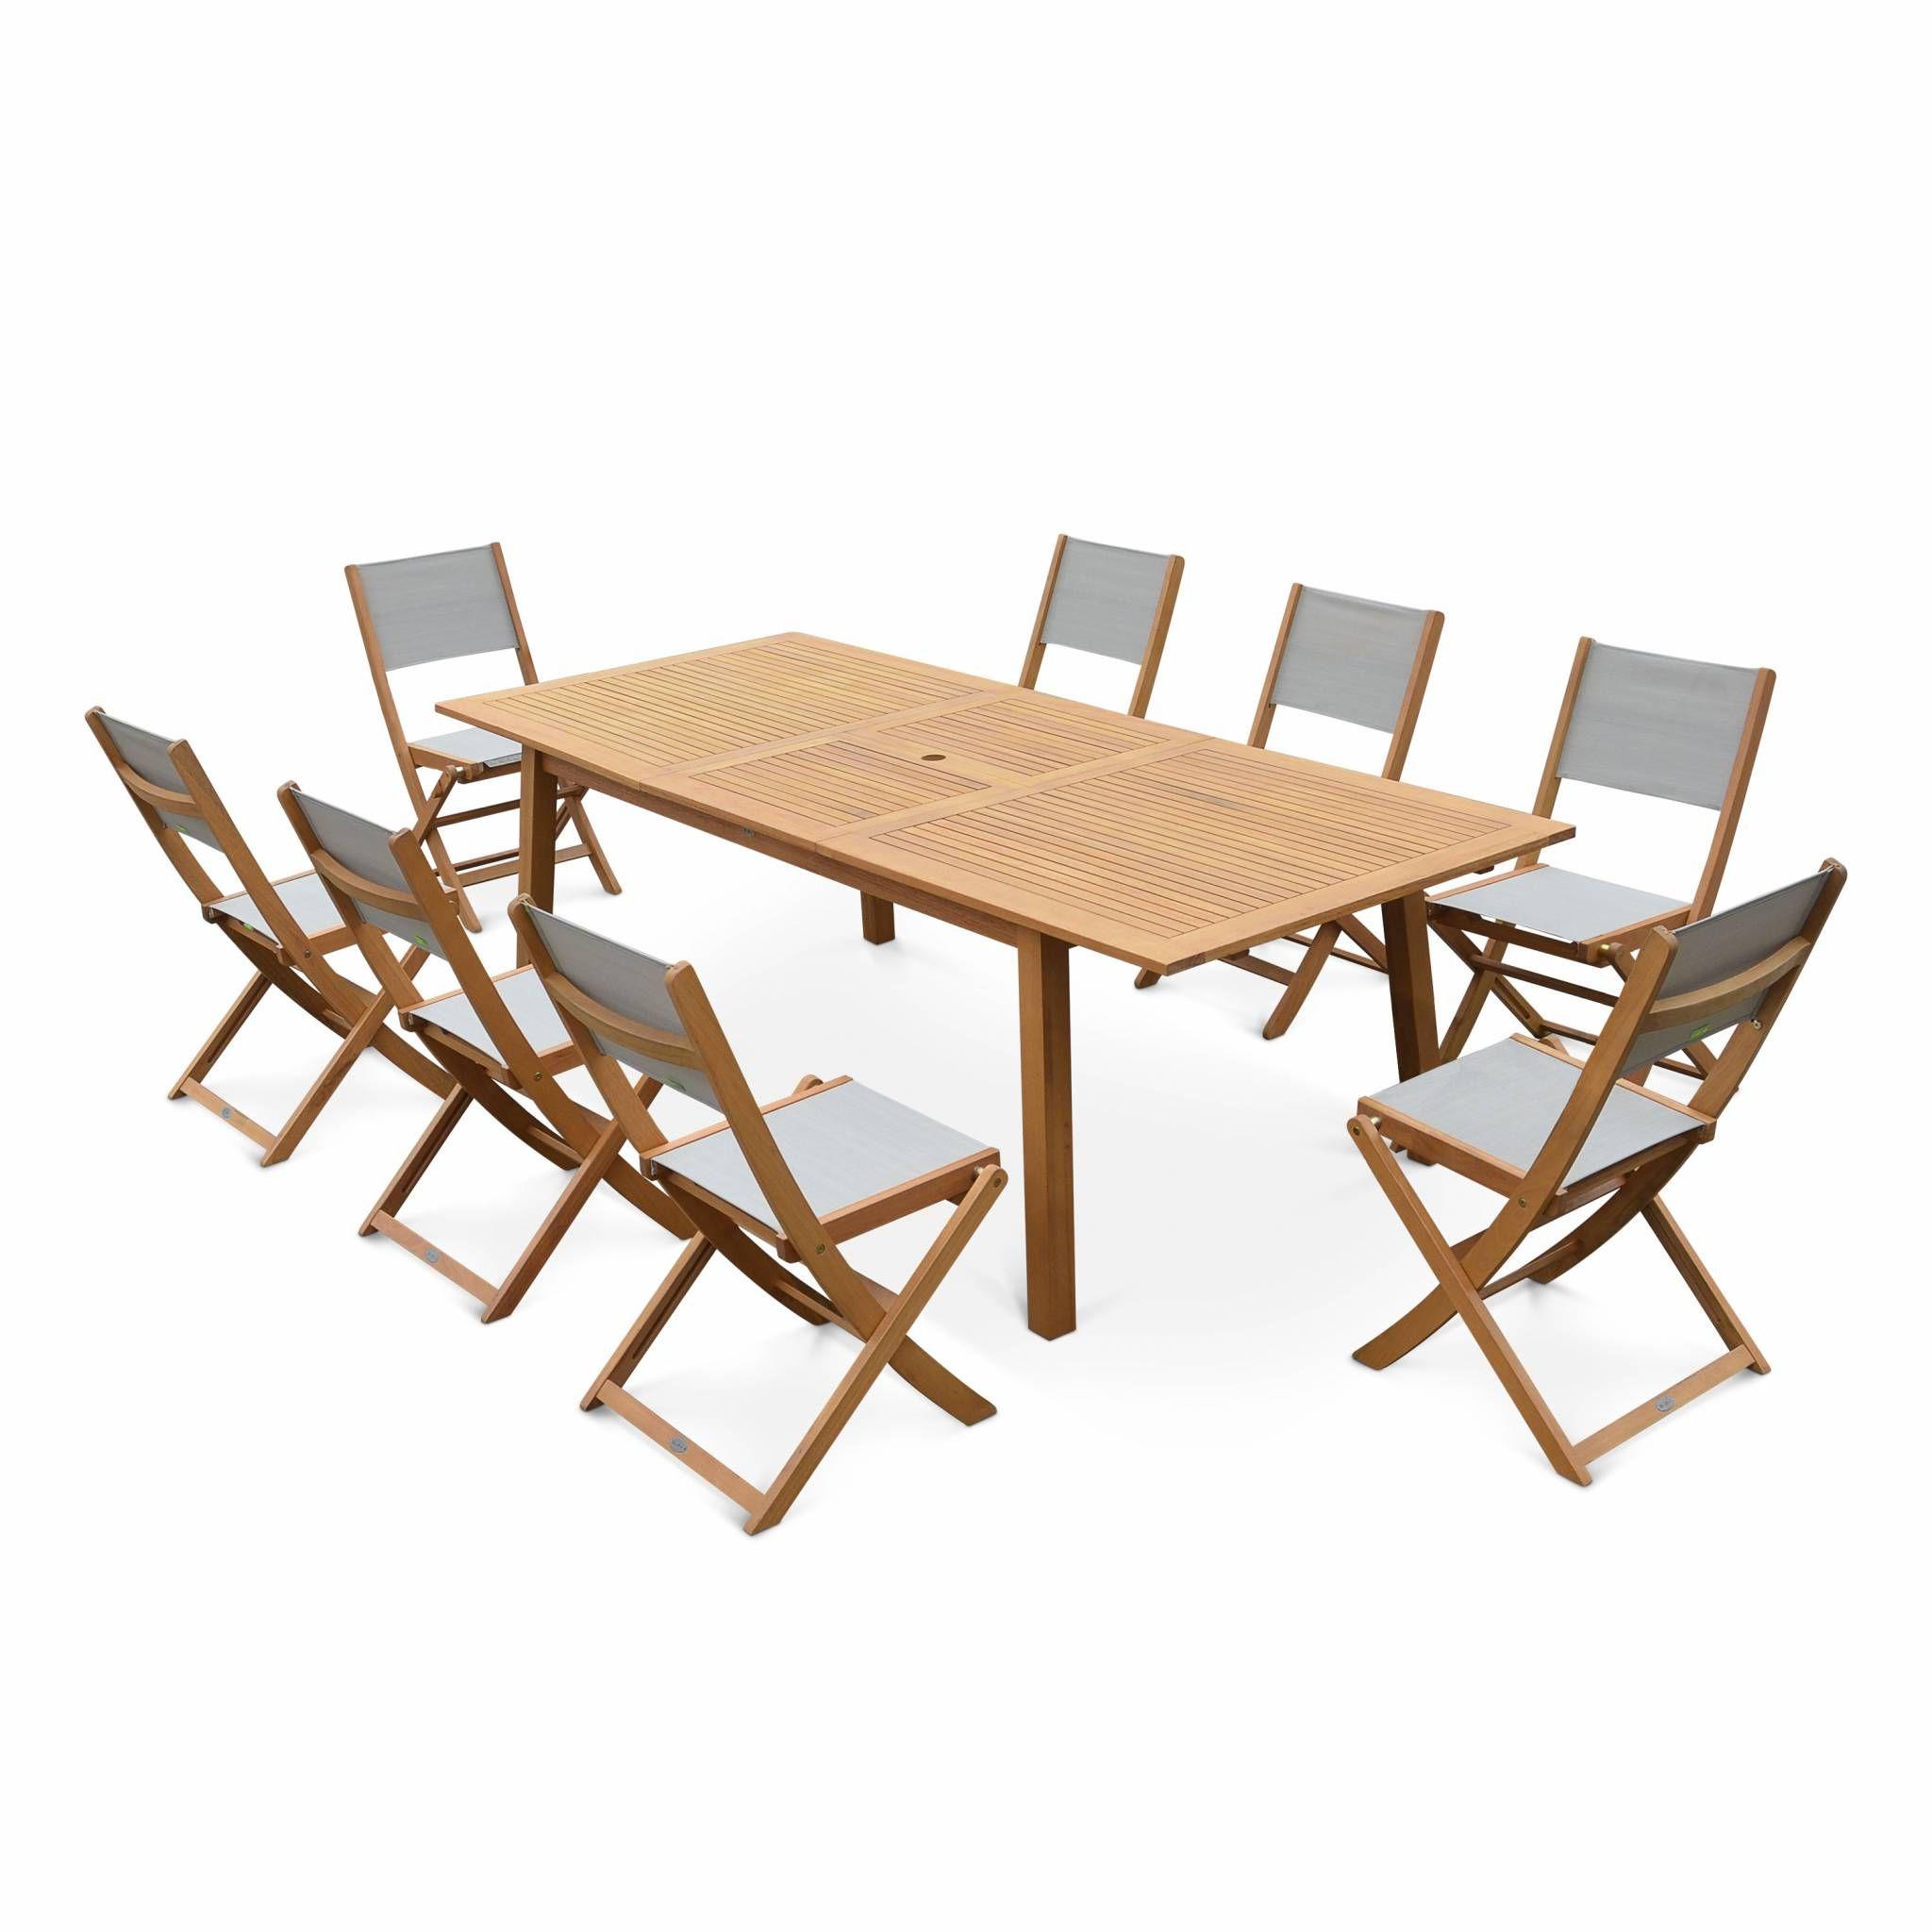 Salon de jardin en bois extensible - Almeria - Grande table 180/240cm avec  rallonge, 8 chaises, en bois d\'Eucalyptus FSC huilé et